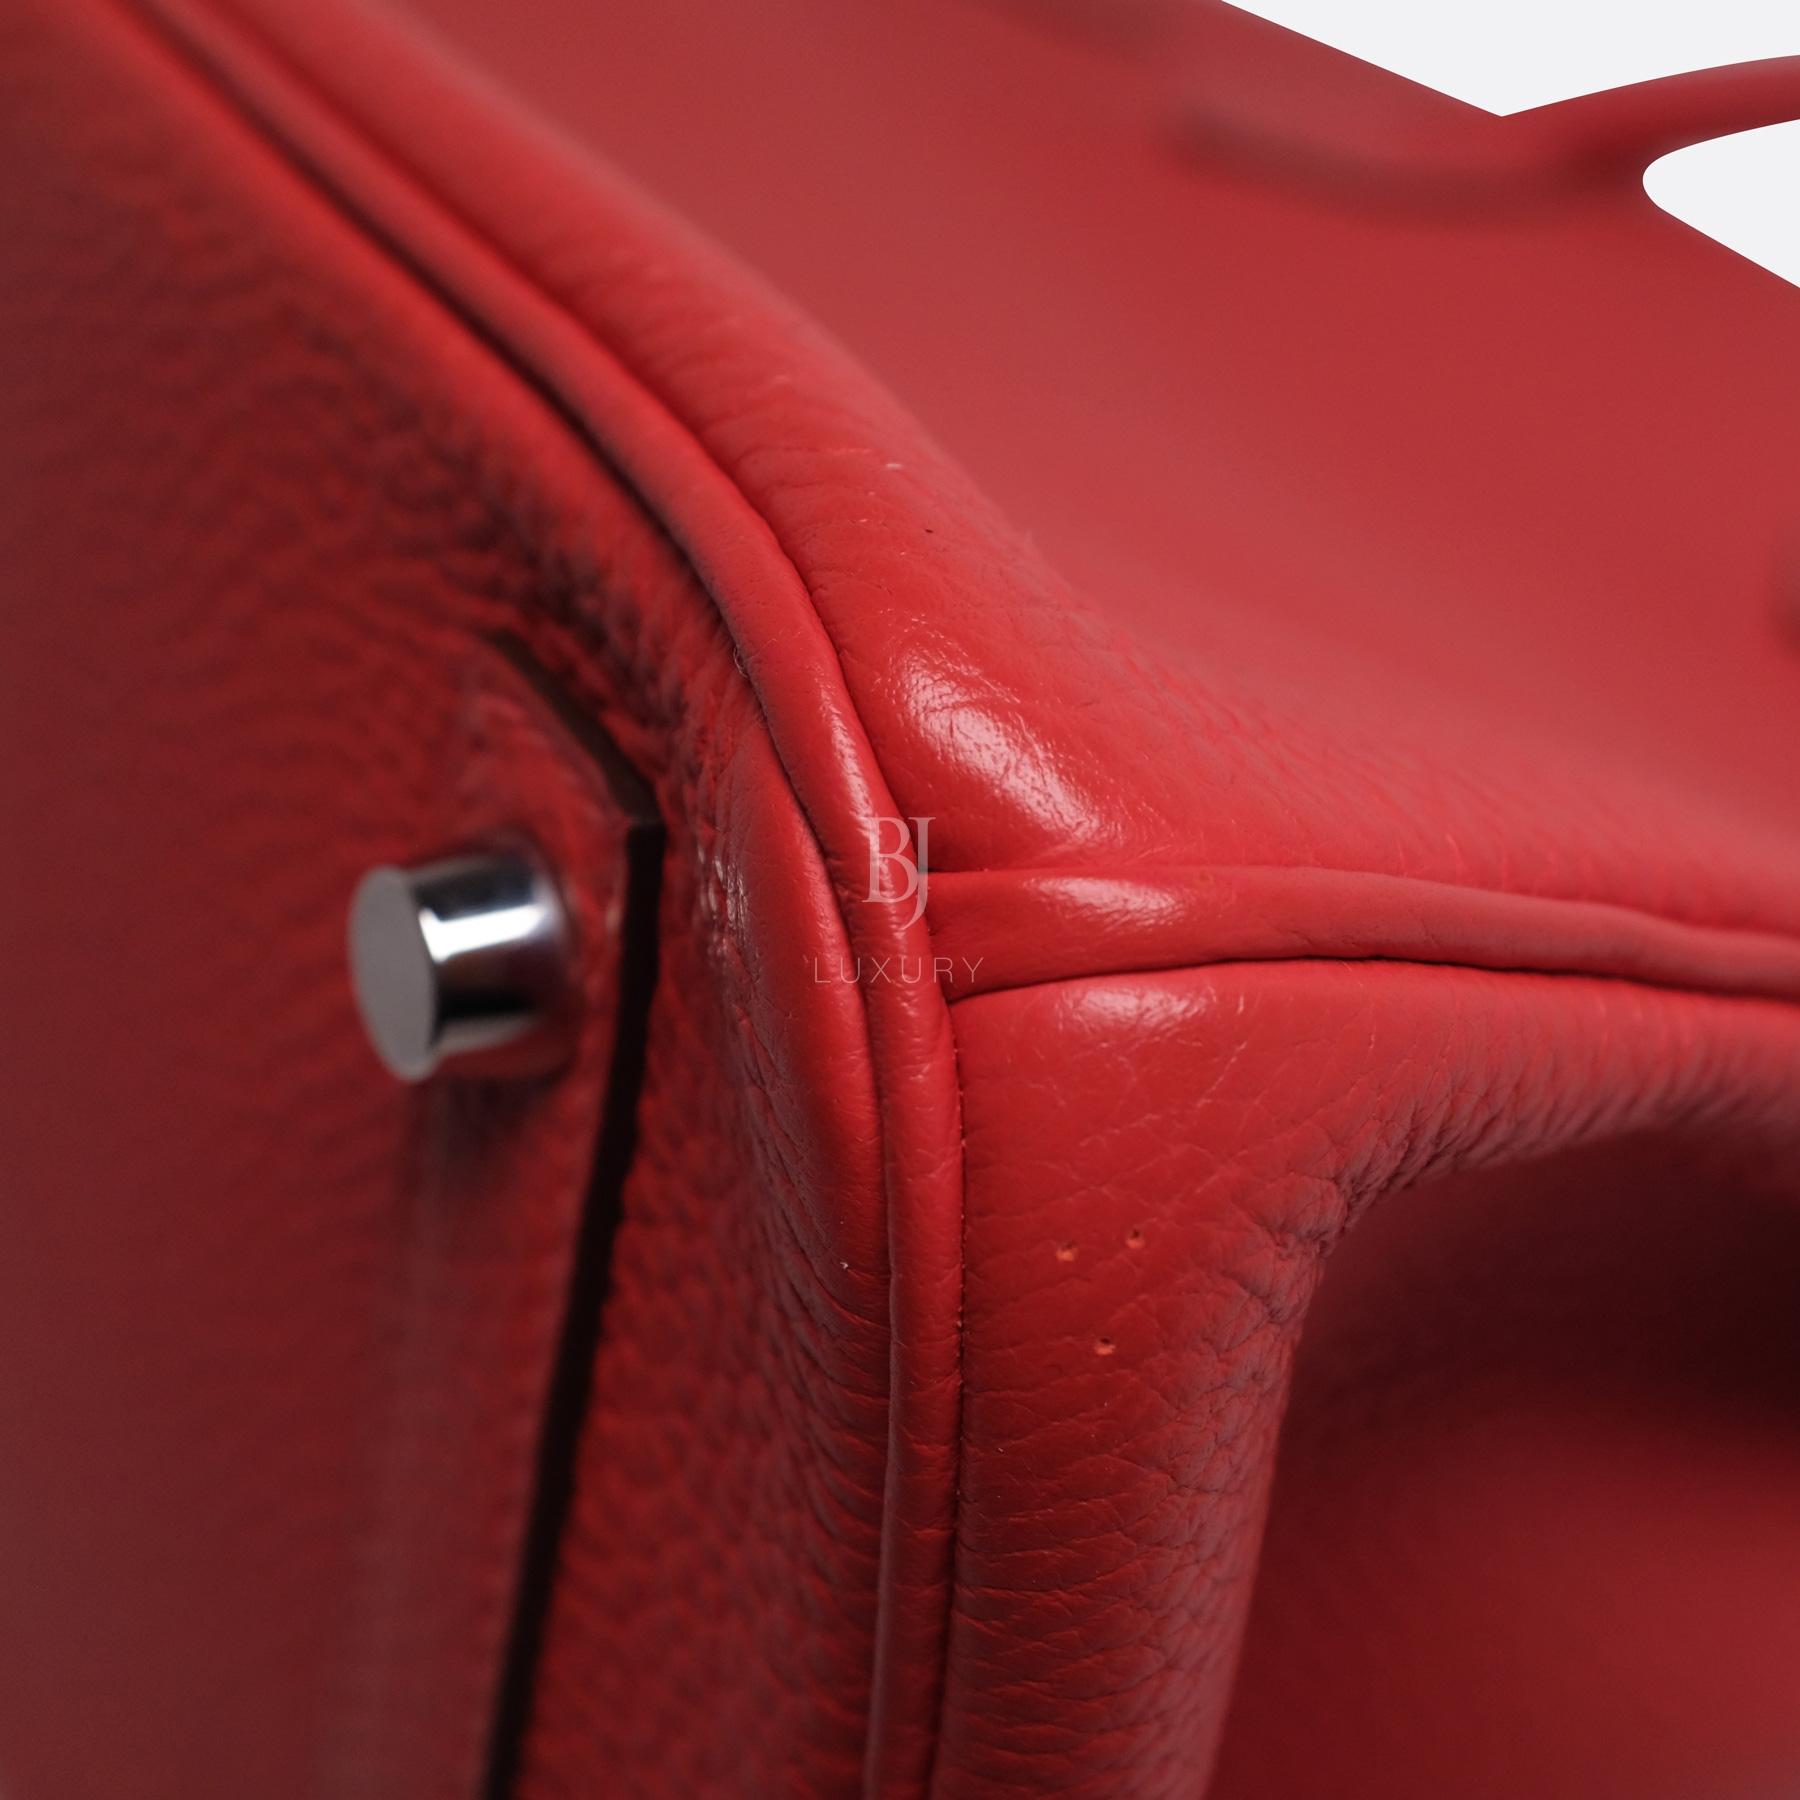 Hermes Birkin 30 Rougue Pivoine Togo Palladium BJ Luxury 18.jpg